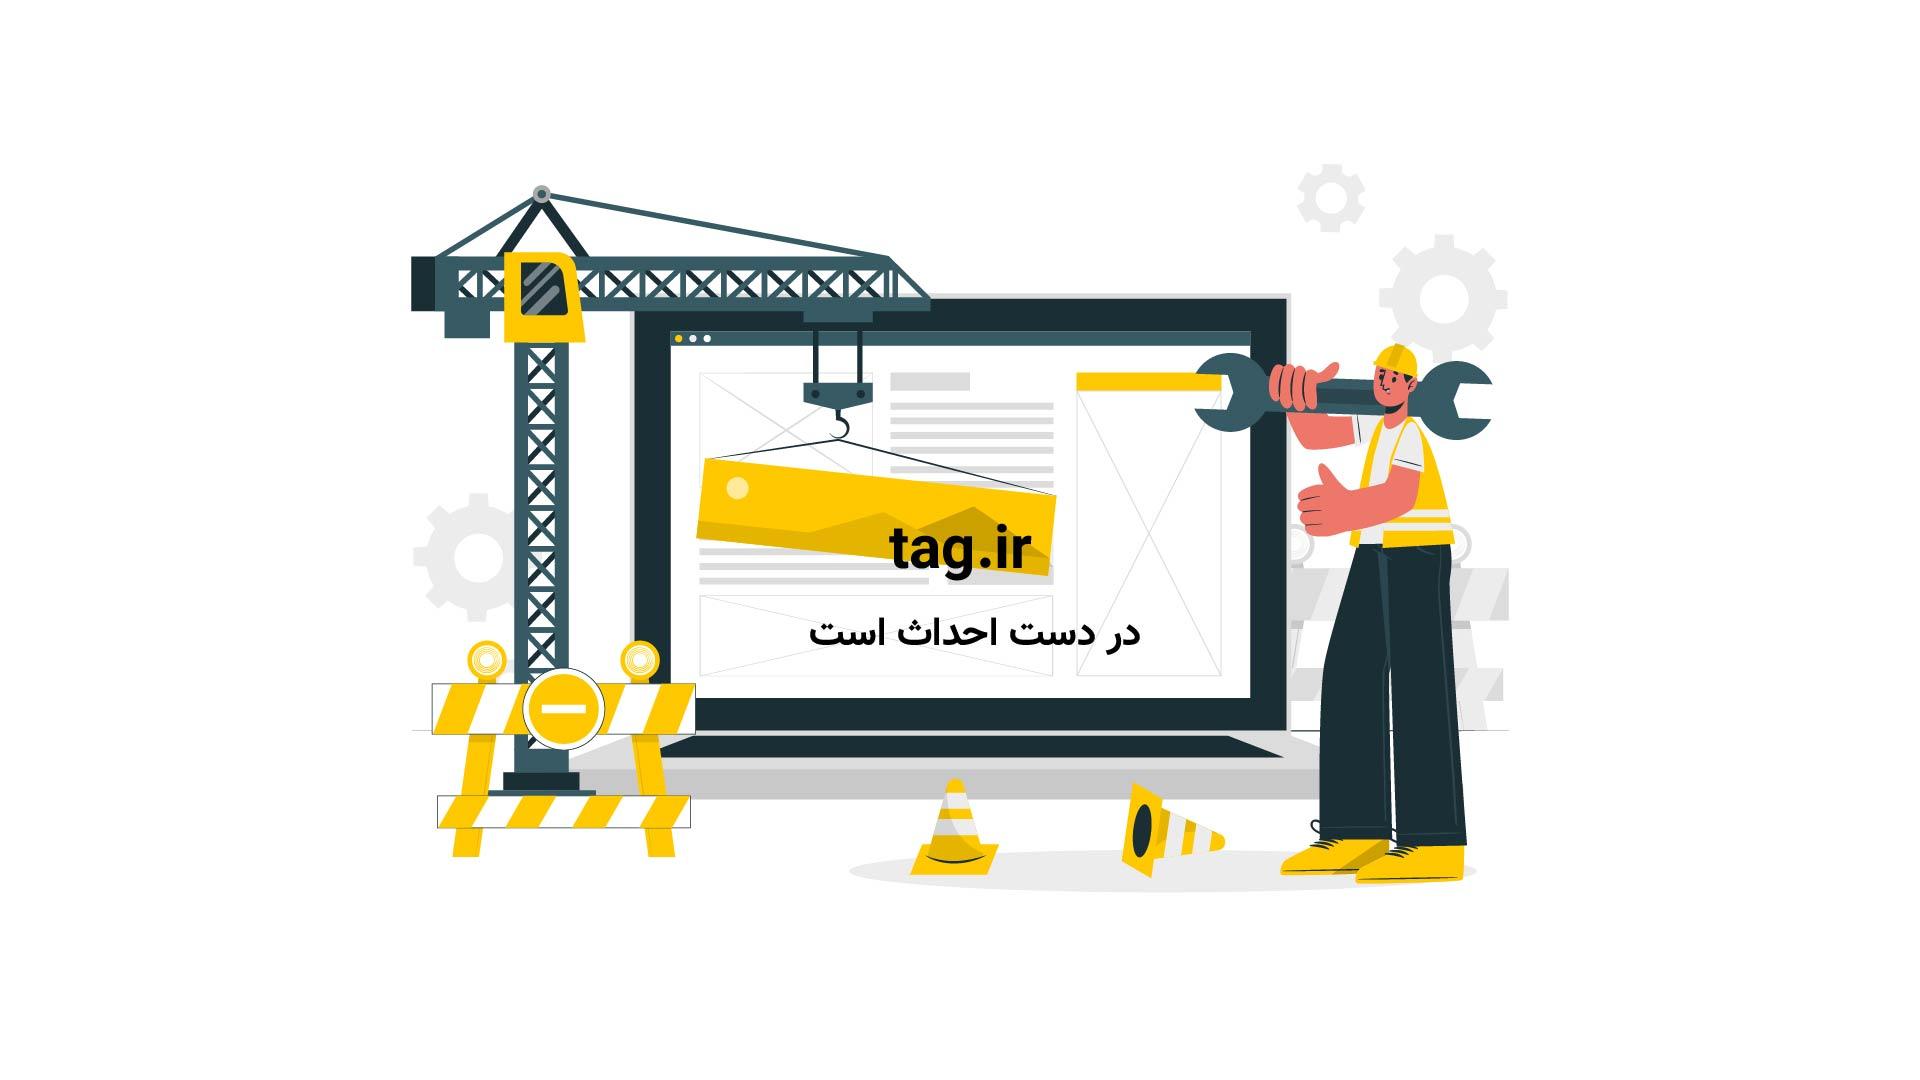 فیلم فعال شدن آتشفشان کیلوآ در هاوایی